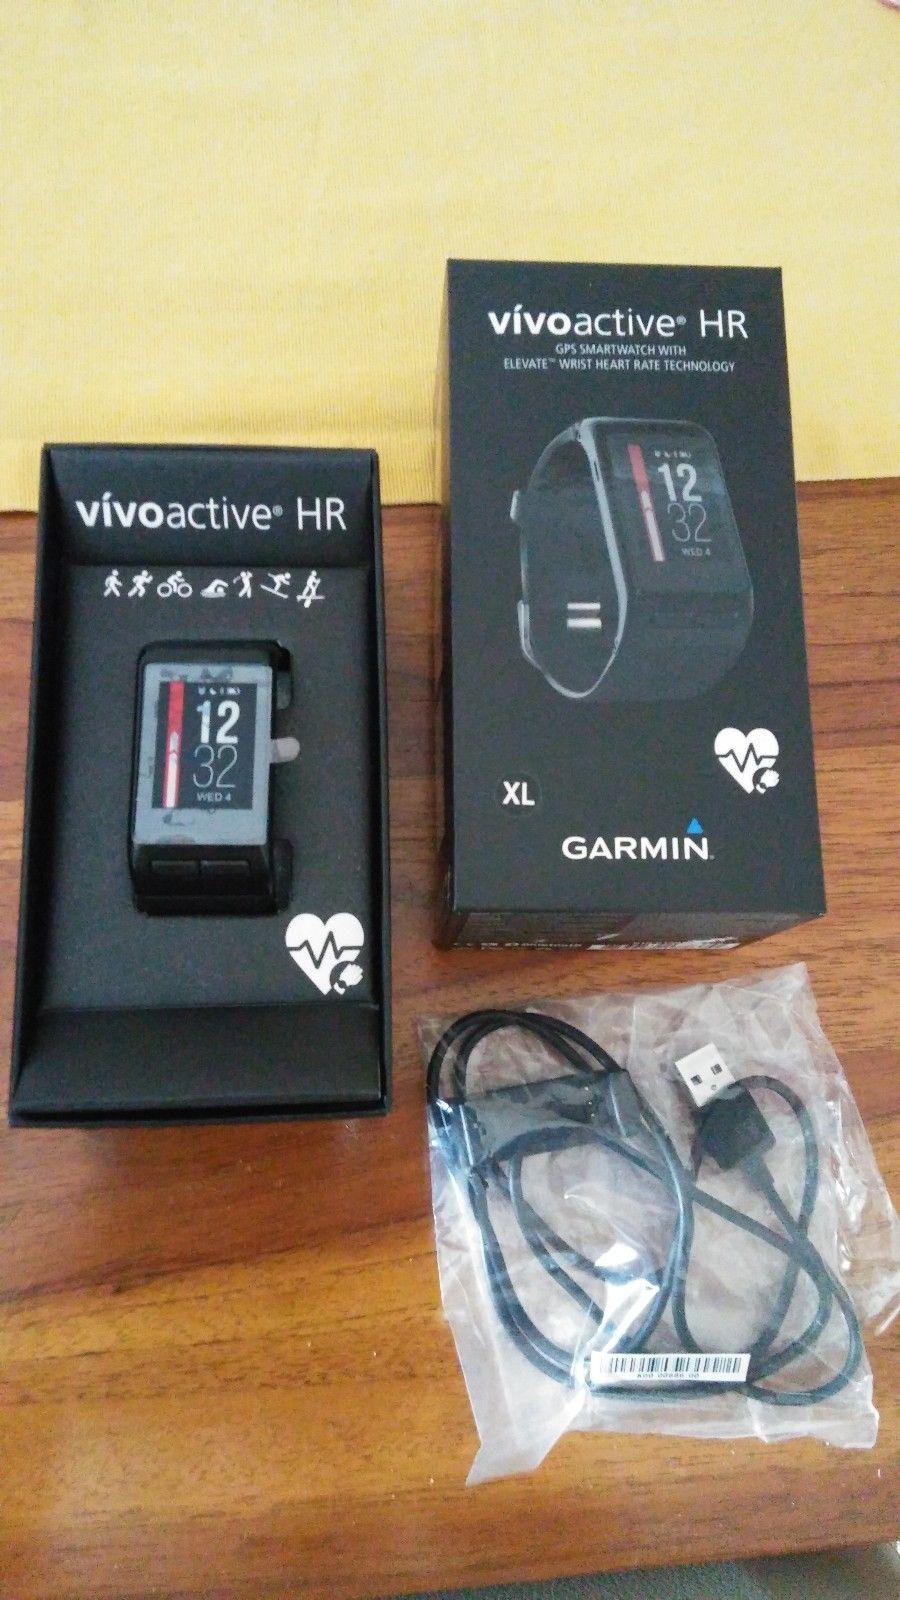 Garmin Vivoactive HR XL